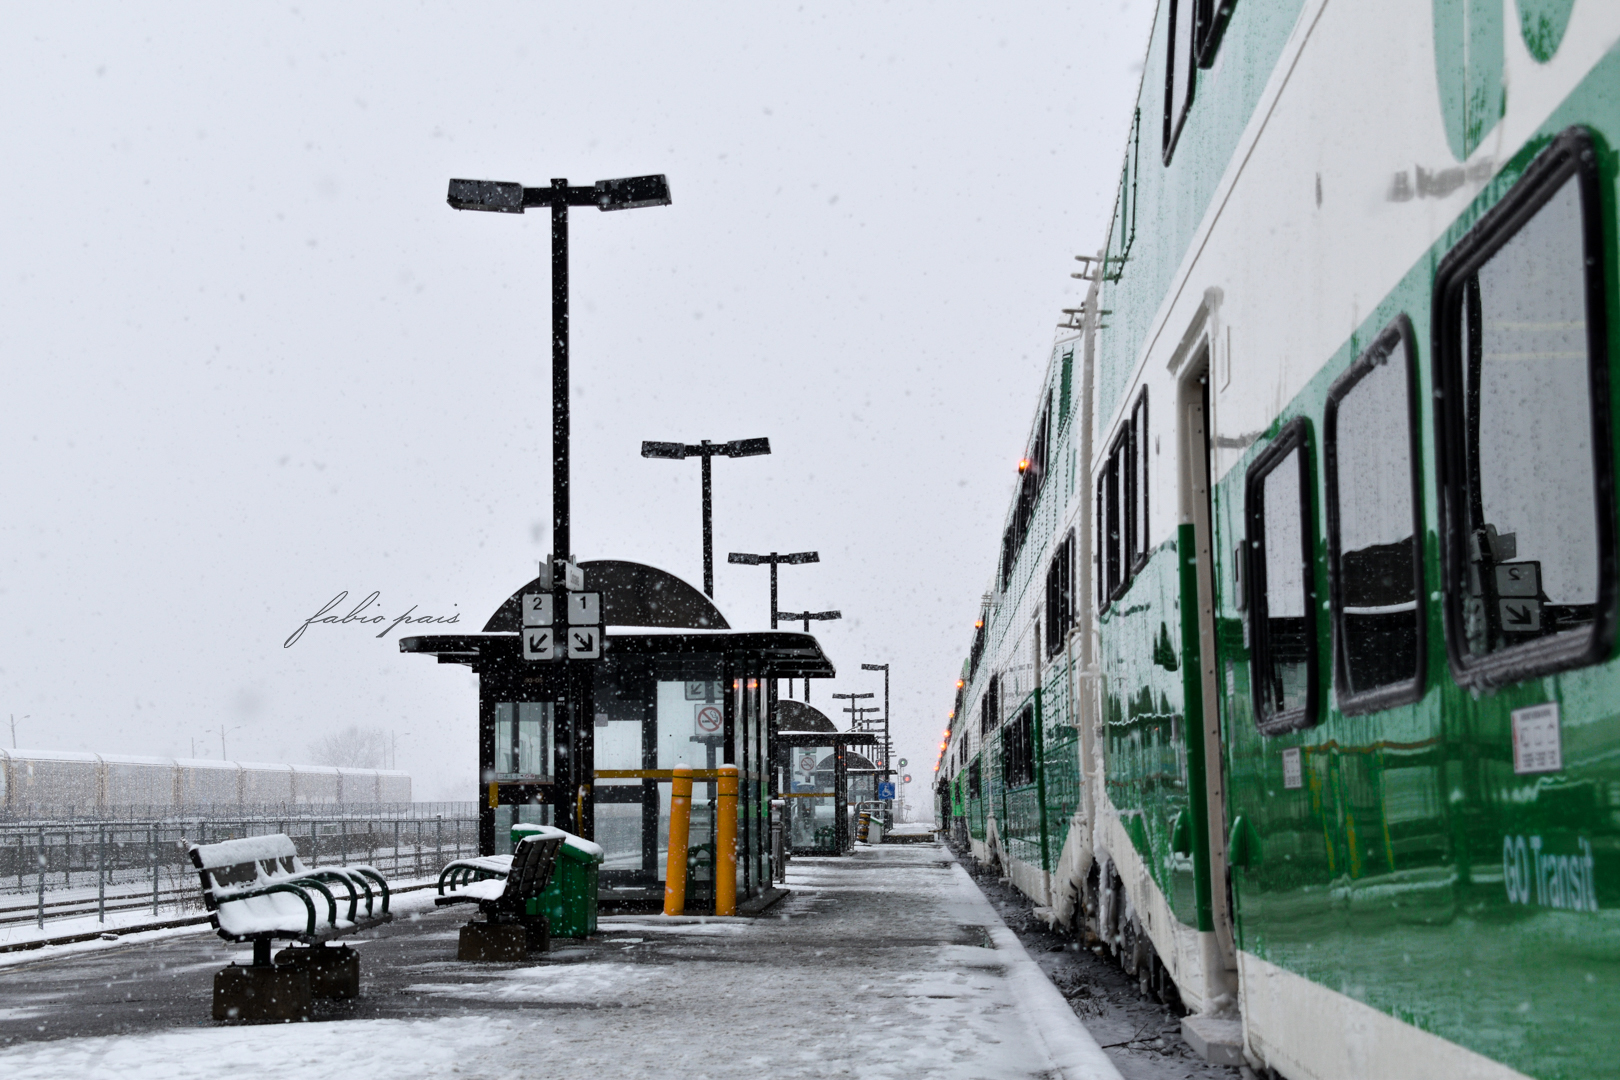 Snowy Train Station